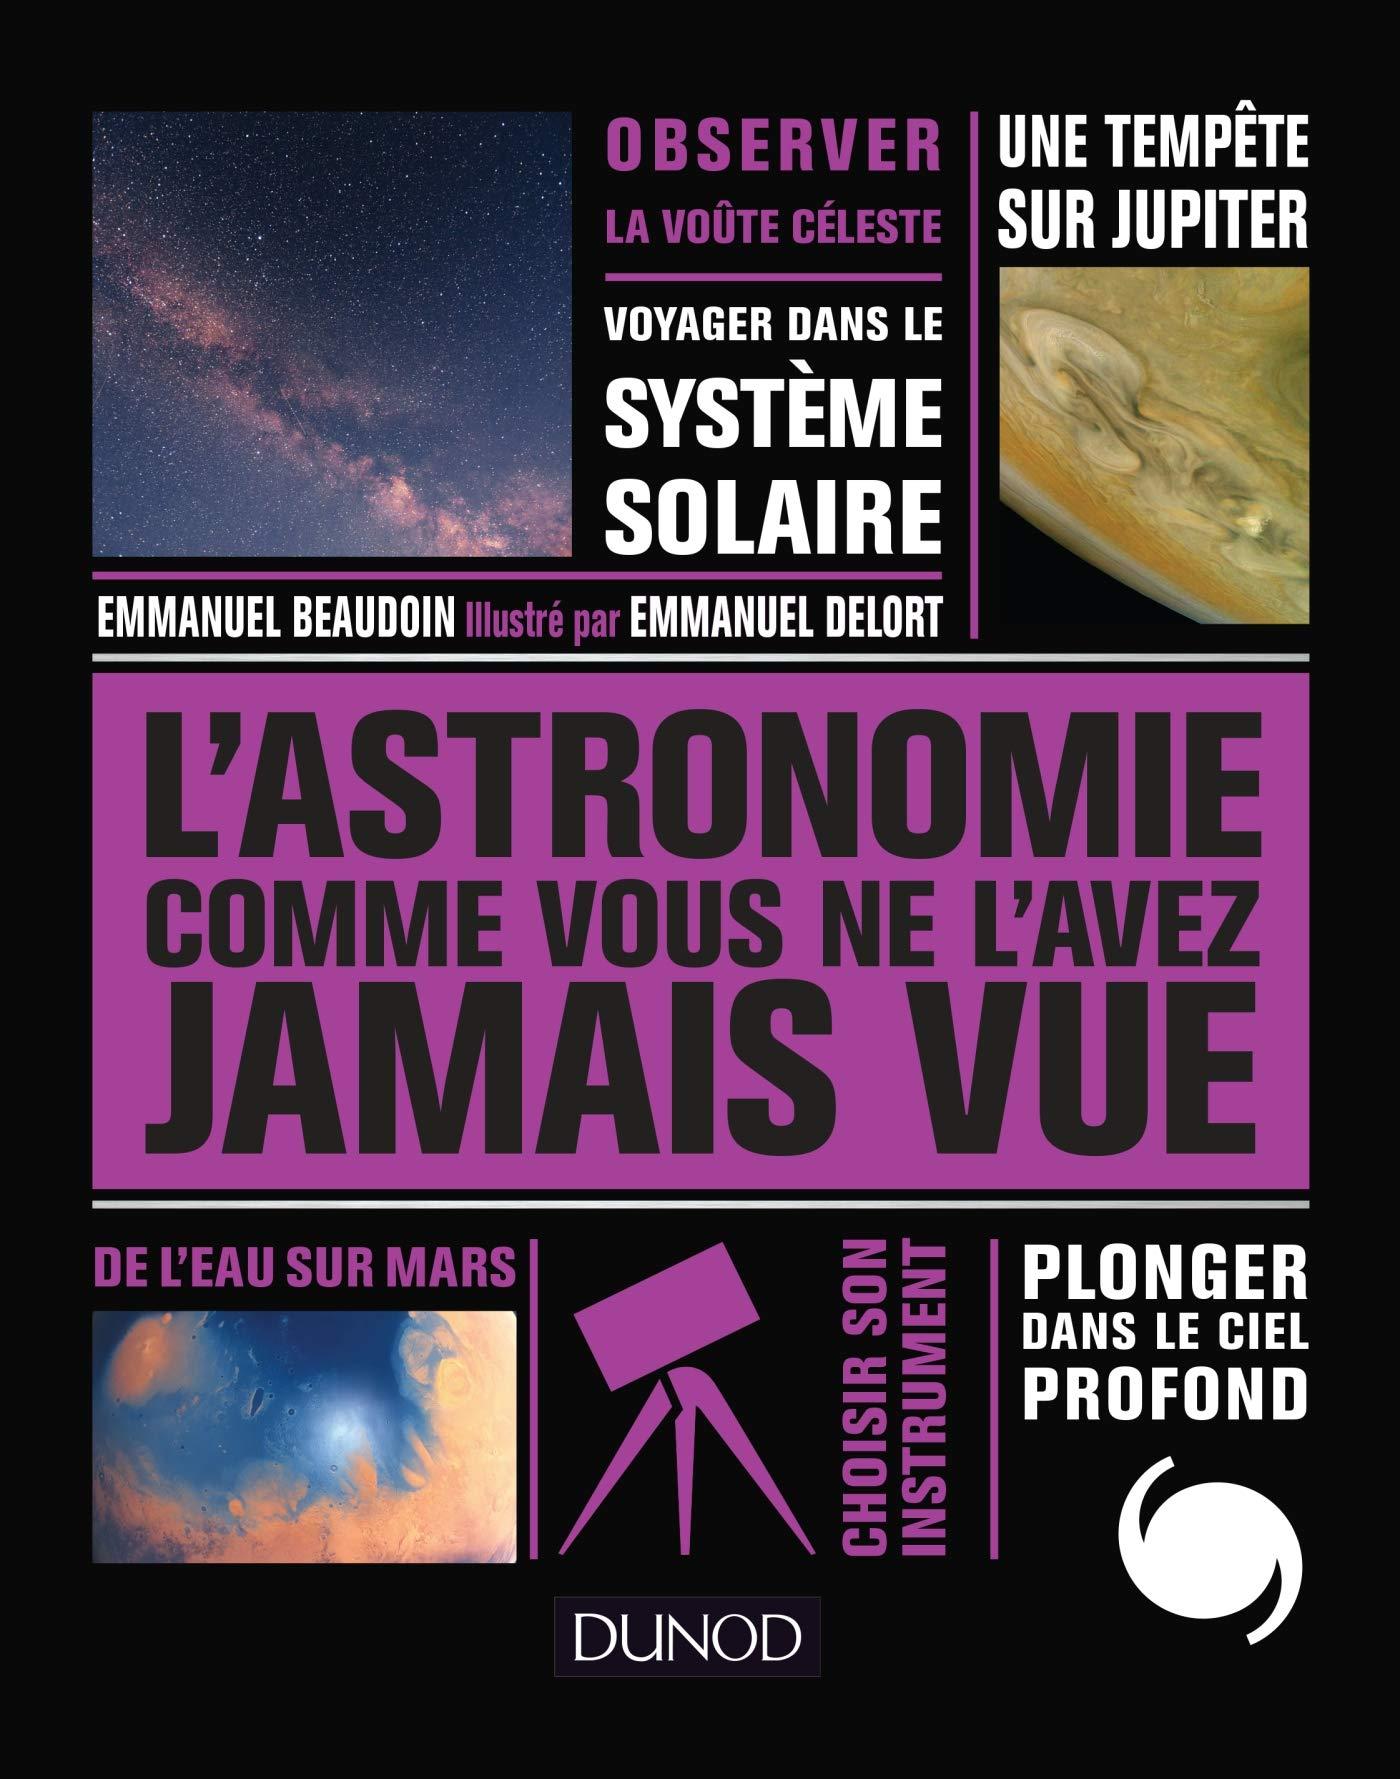 L'Astronomie comme vous ne l'avez jamais vue por Emmanuel Beaudoin